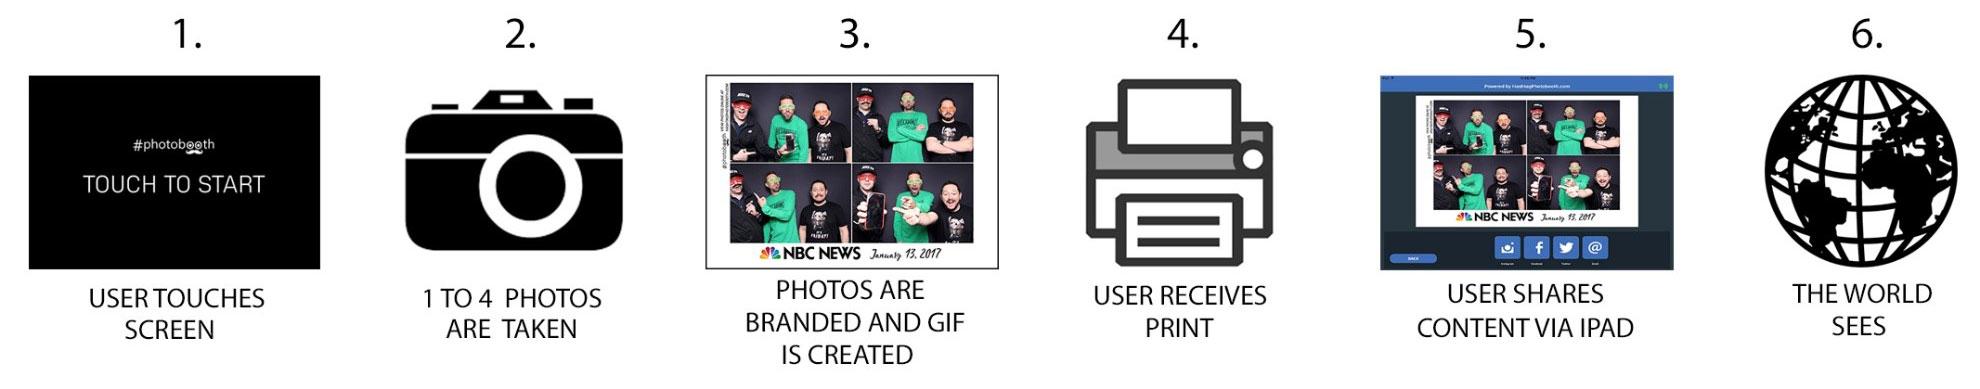 hashtag-photobooth-experience.jpg